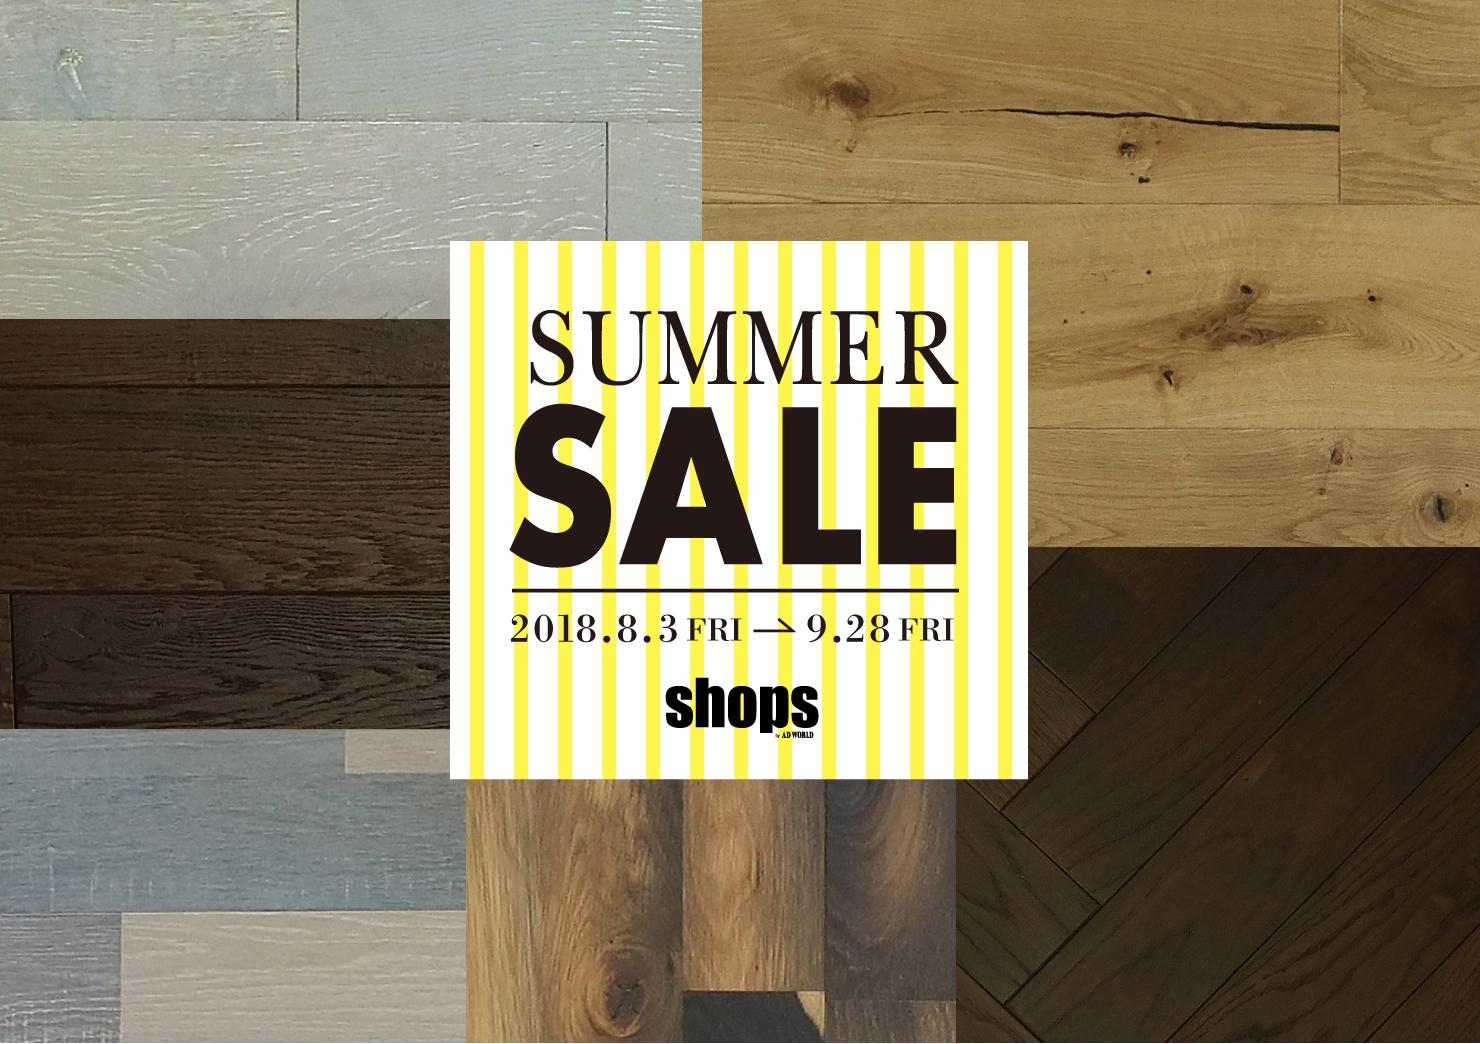 shops SUMMER SAIL 2018/8/3(FRI)-9/28(FRI)